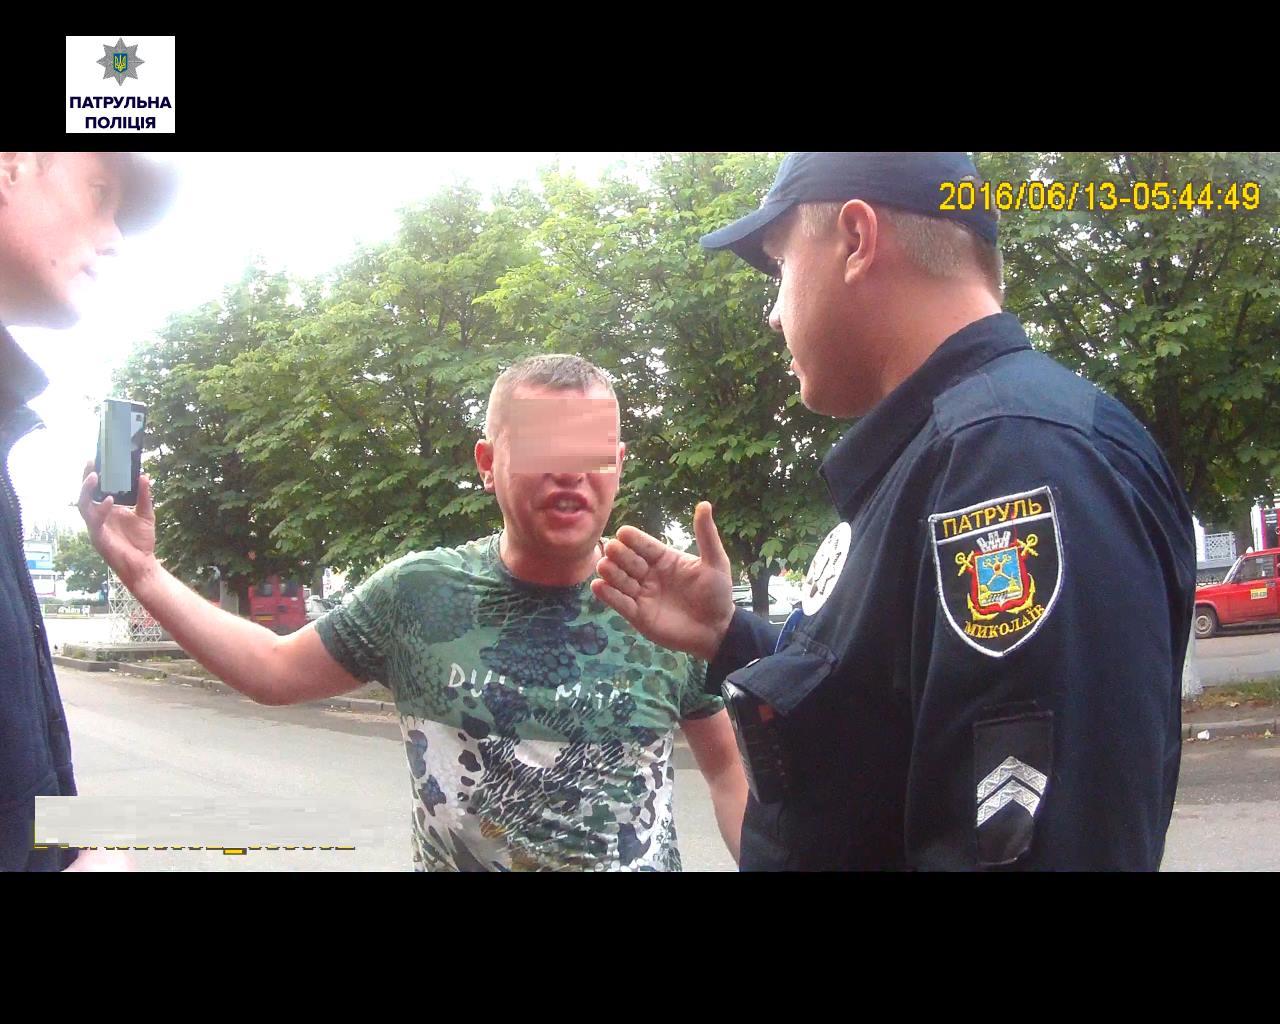 У Миколаєві п'яна компанія побила патрульного